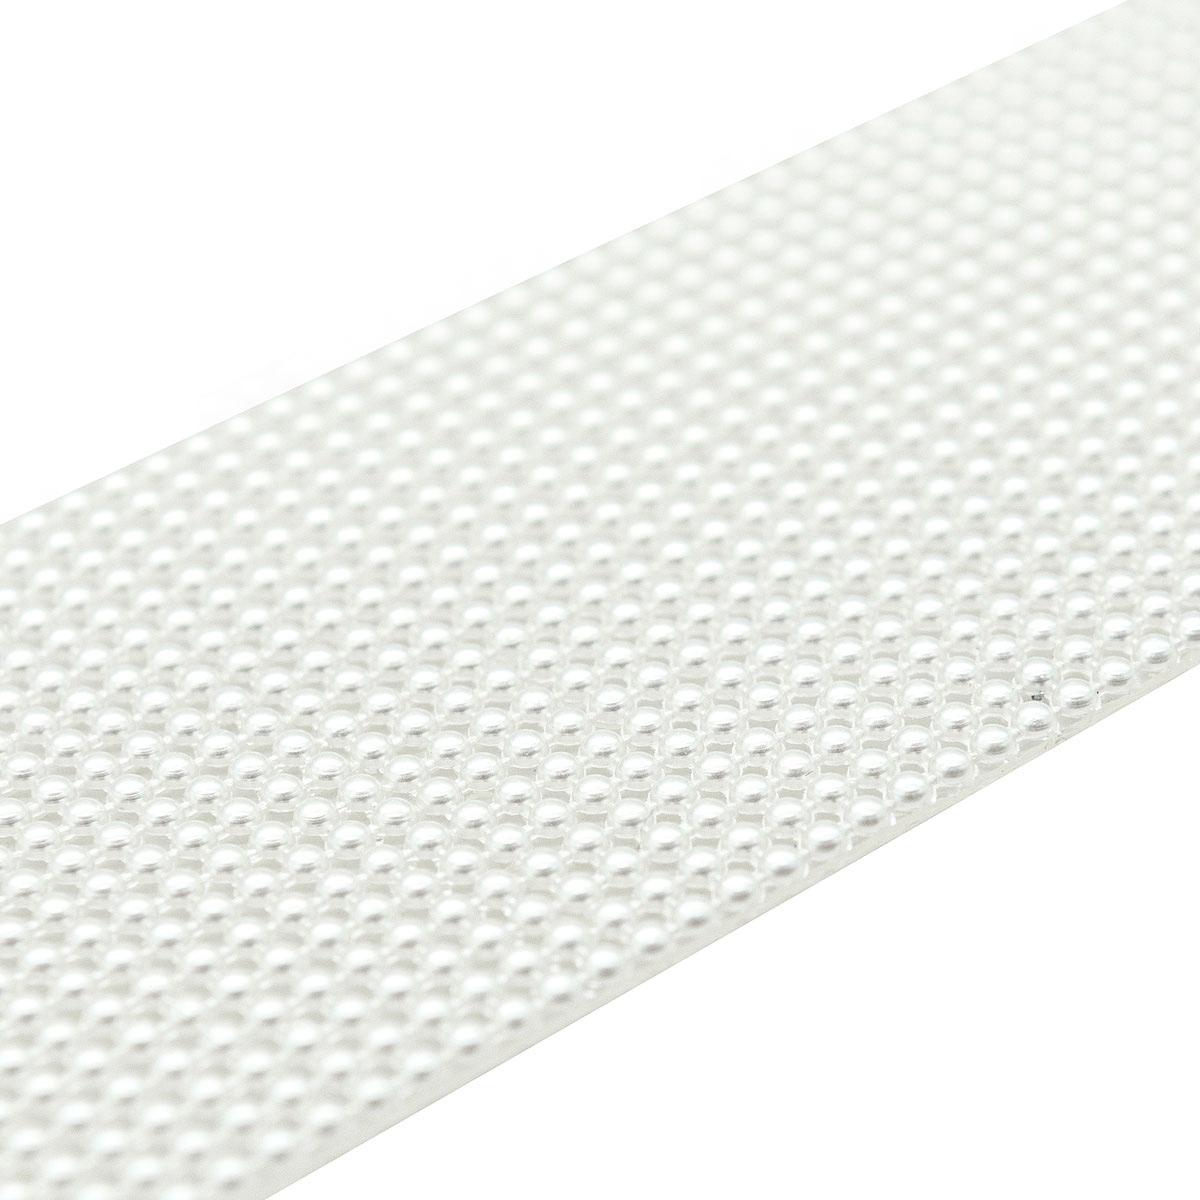 4AR014 Полотно из жемчужных полубусин 2мм термоклеевое, 5*25см